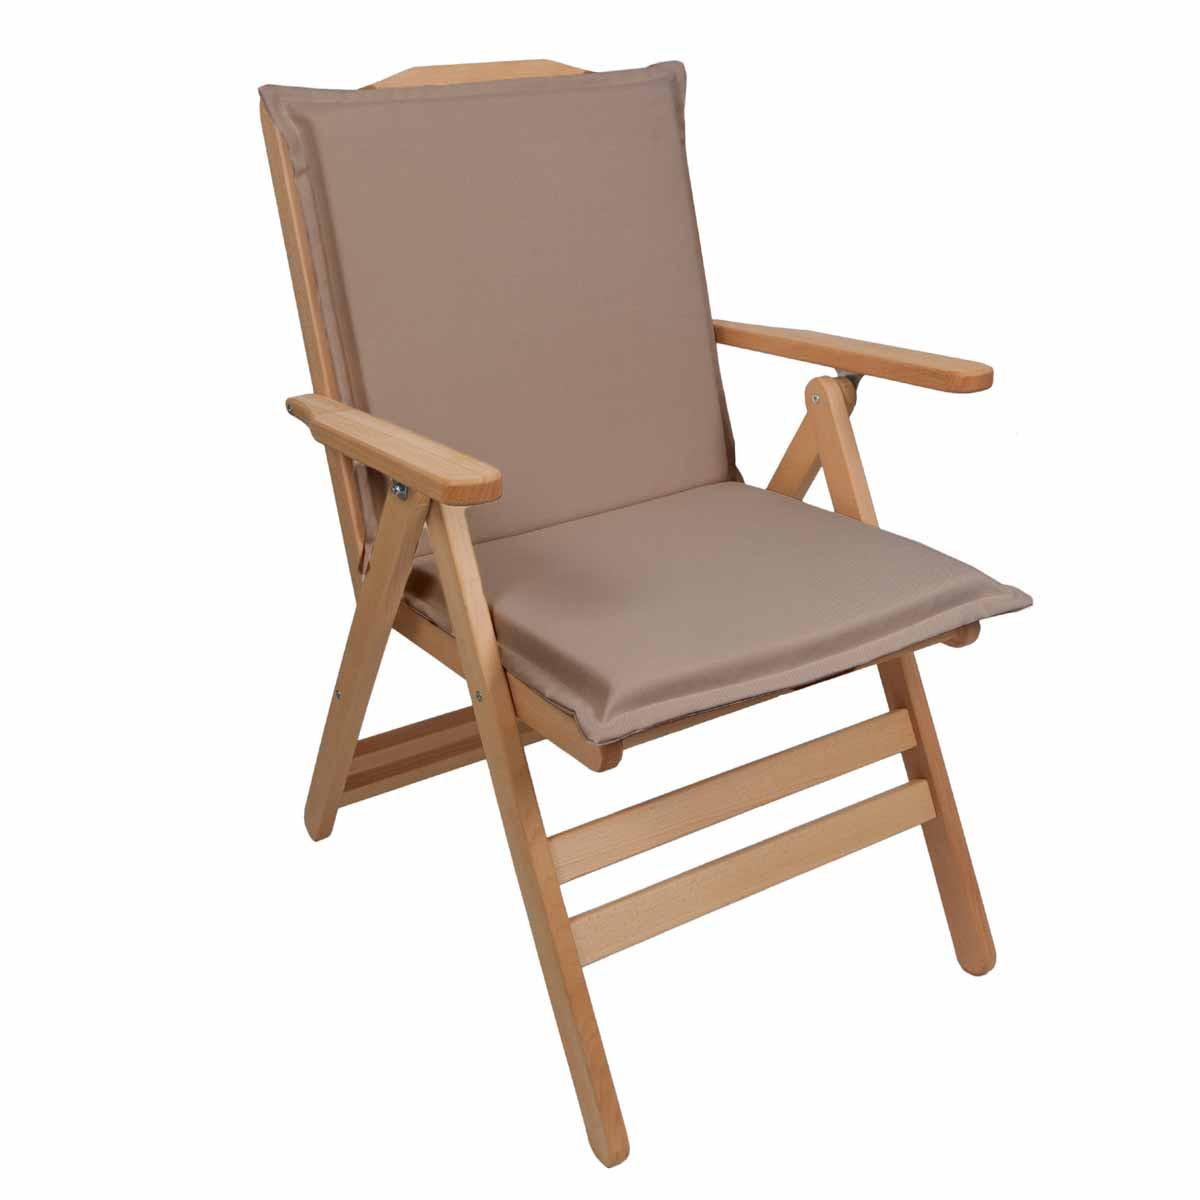 Μαξιλάρι Καρέκλας Με Πλάτη 92cm Be Comfy Brown 201